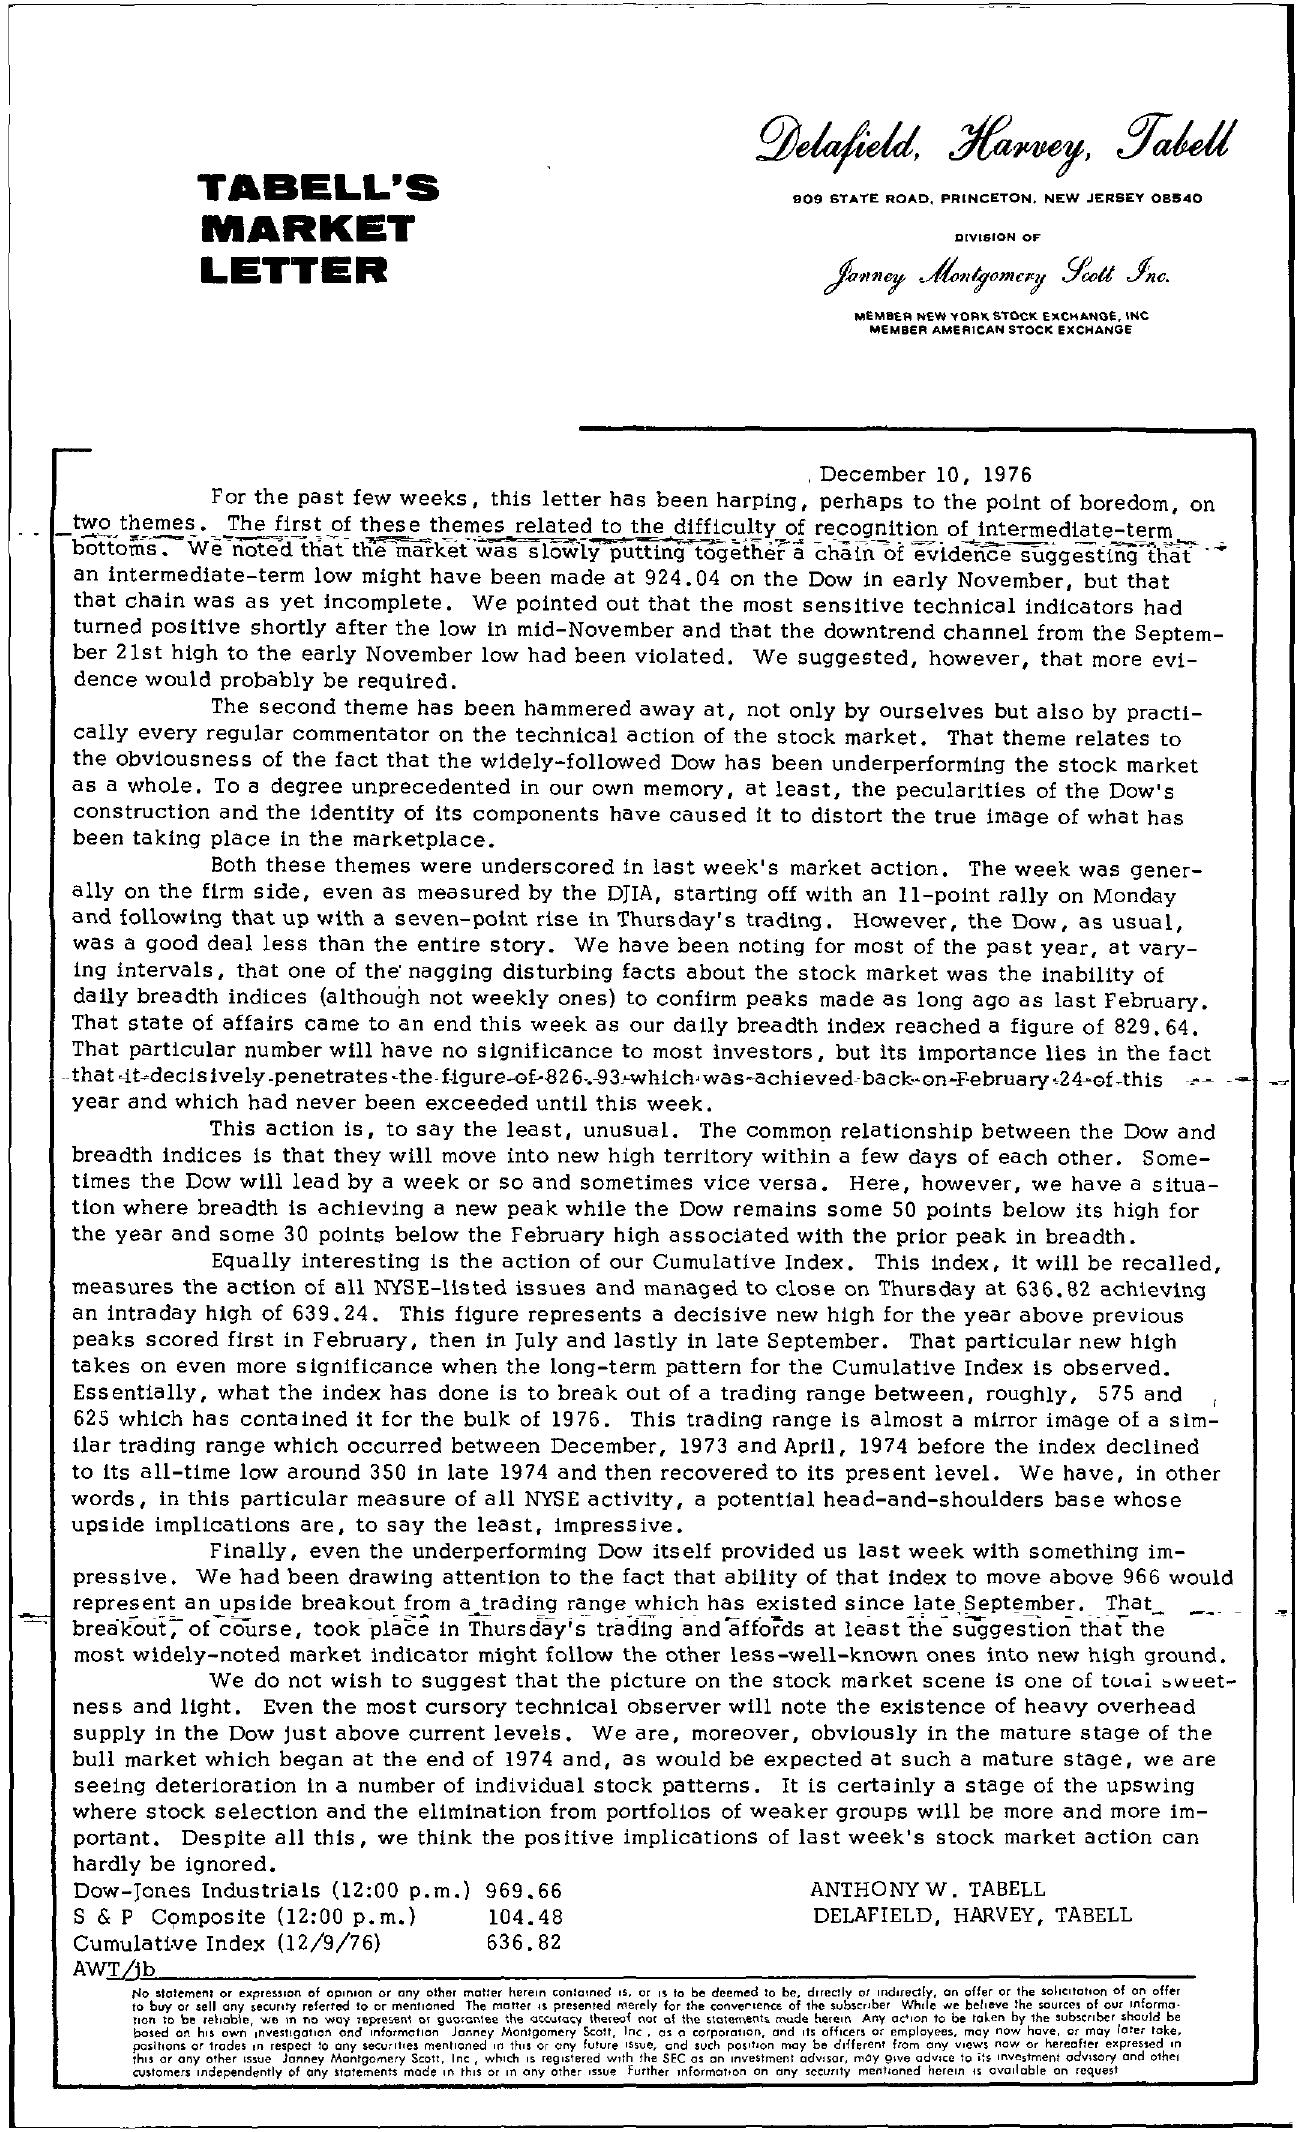 Tabell's Market Letter - December 10, 1976